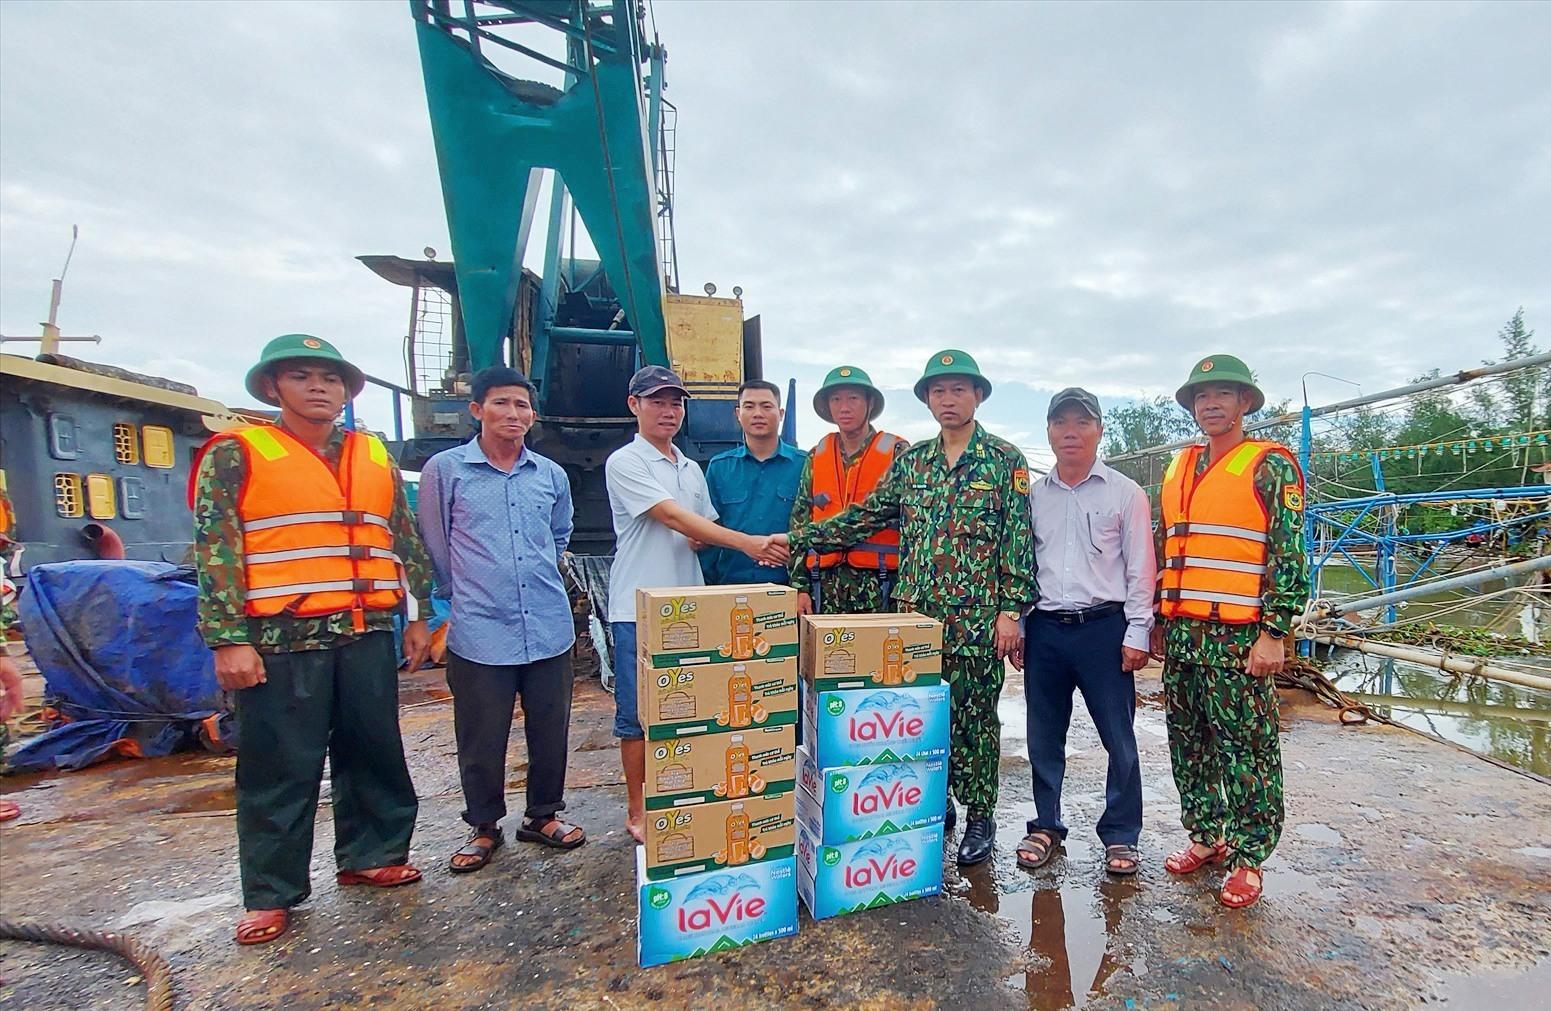 Bộ Chỉ huy BĐBP tỉnh đã đến động viên, tặng quà lực lượng cứu hộ. Ảnh: HỒNG ANH